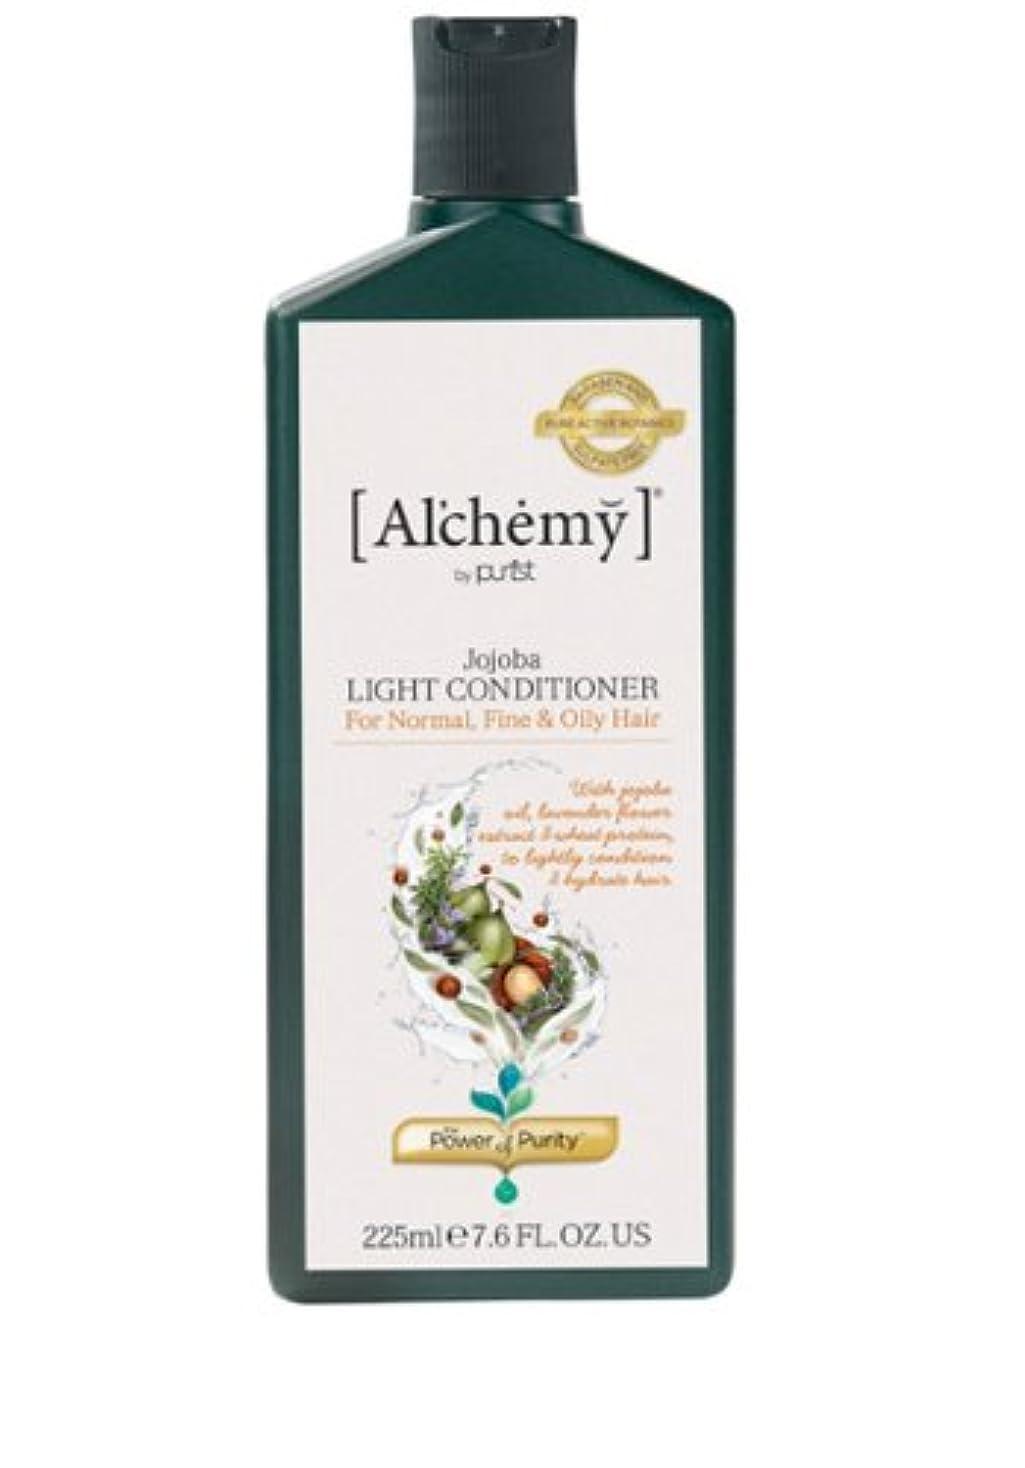 集団的ダルセットフライト【Al'chemy(alchemy)】アルケミー ホホバライト コンディショナー(Jojoba, Light Conditioner)(ノーマルヘア用)225ml